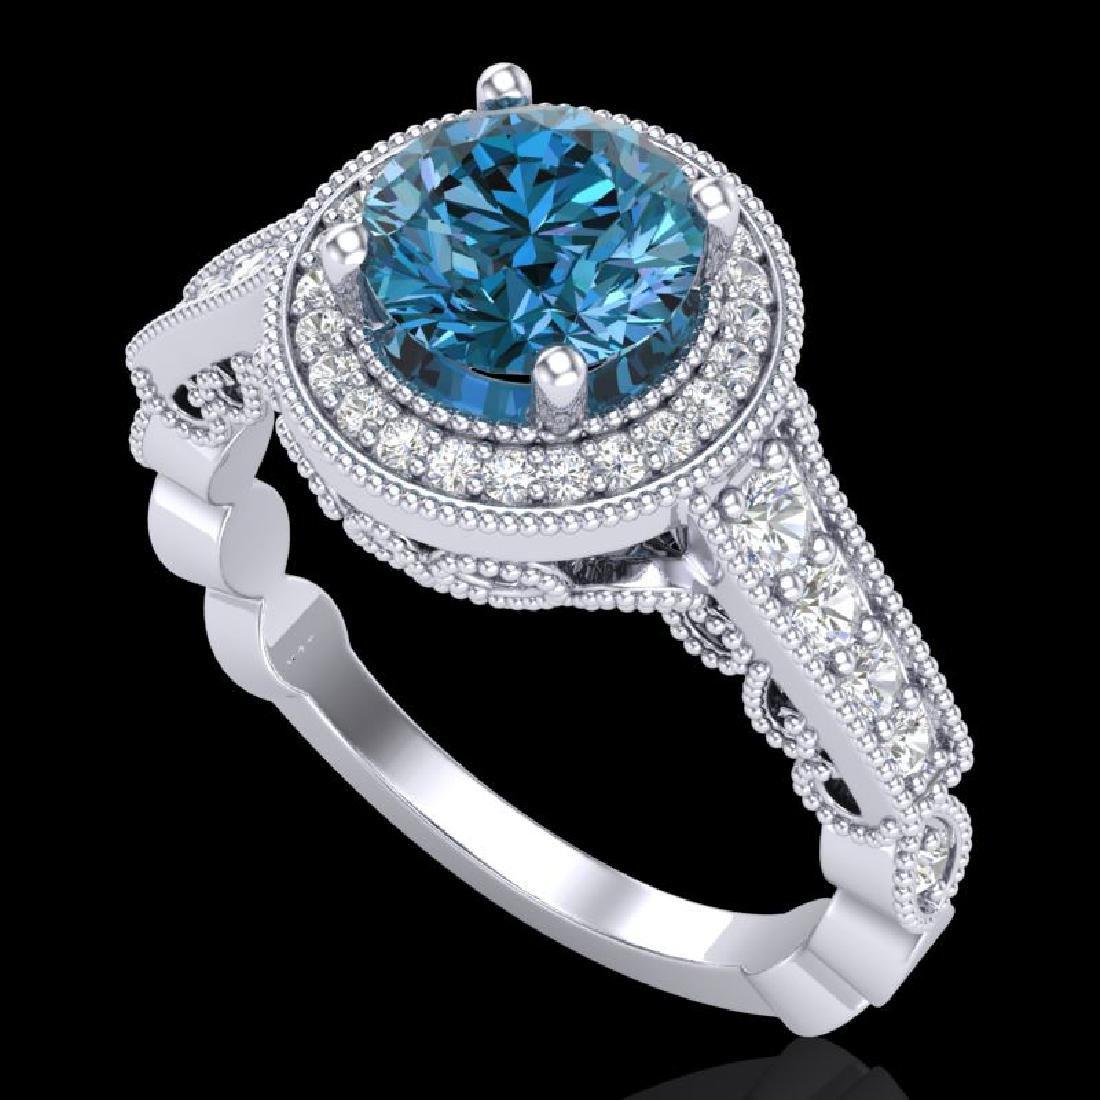 1.91 CTW Fancy Intense Blue Diamond Solitaire Art Deco